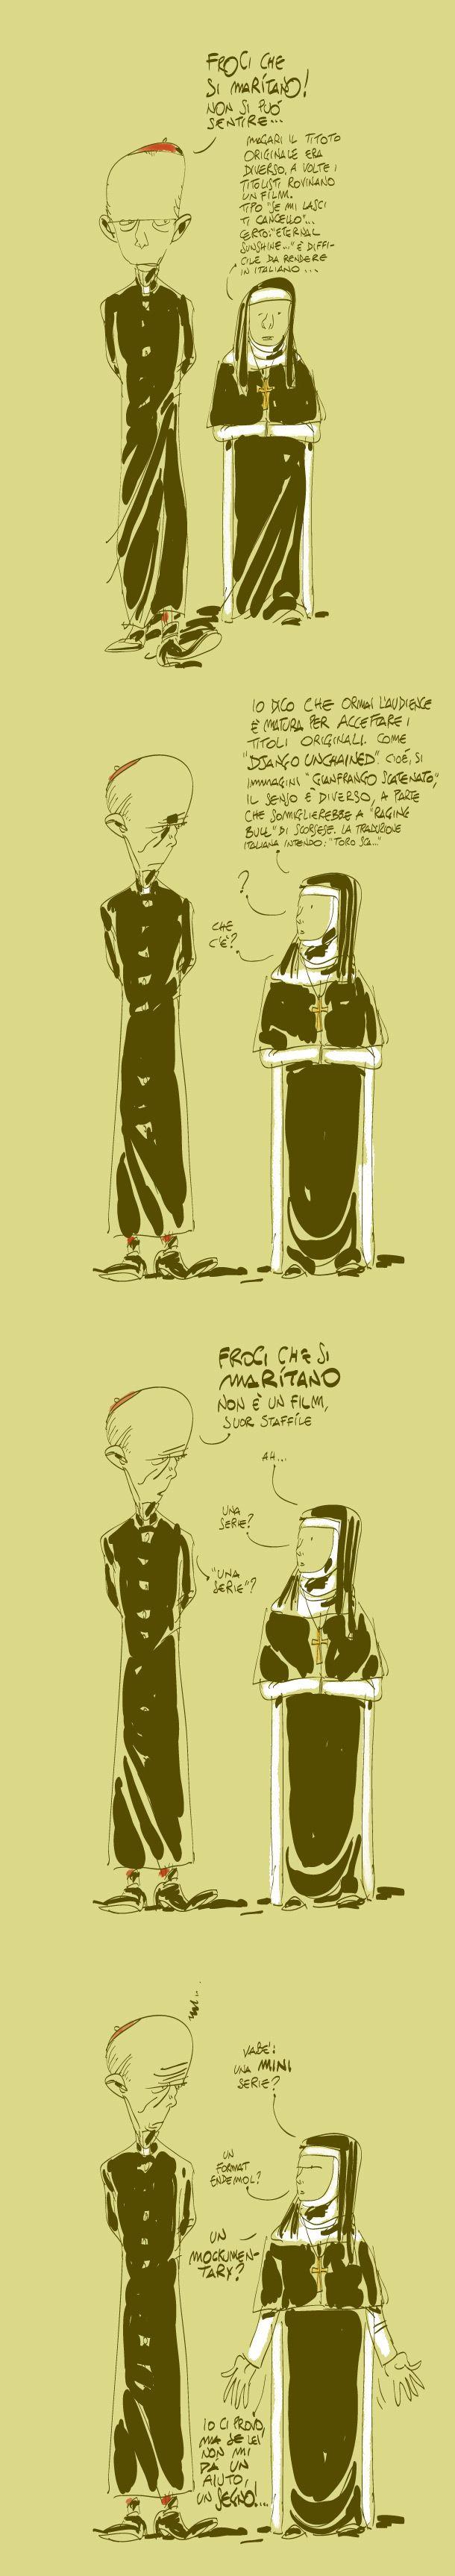 L'orlo del baratro | Makkox Froci che si maritano